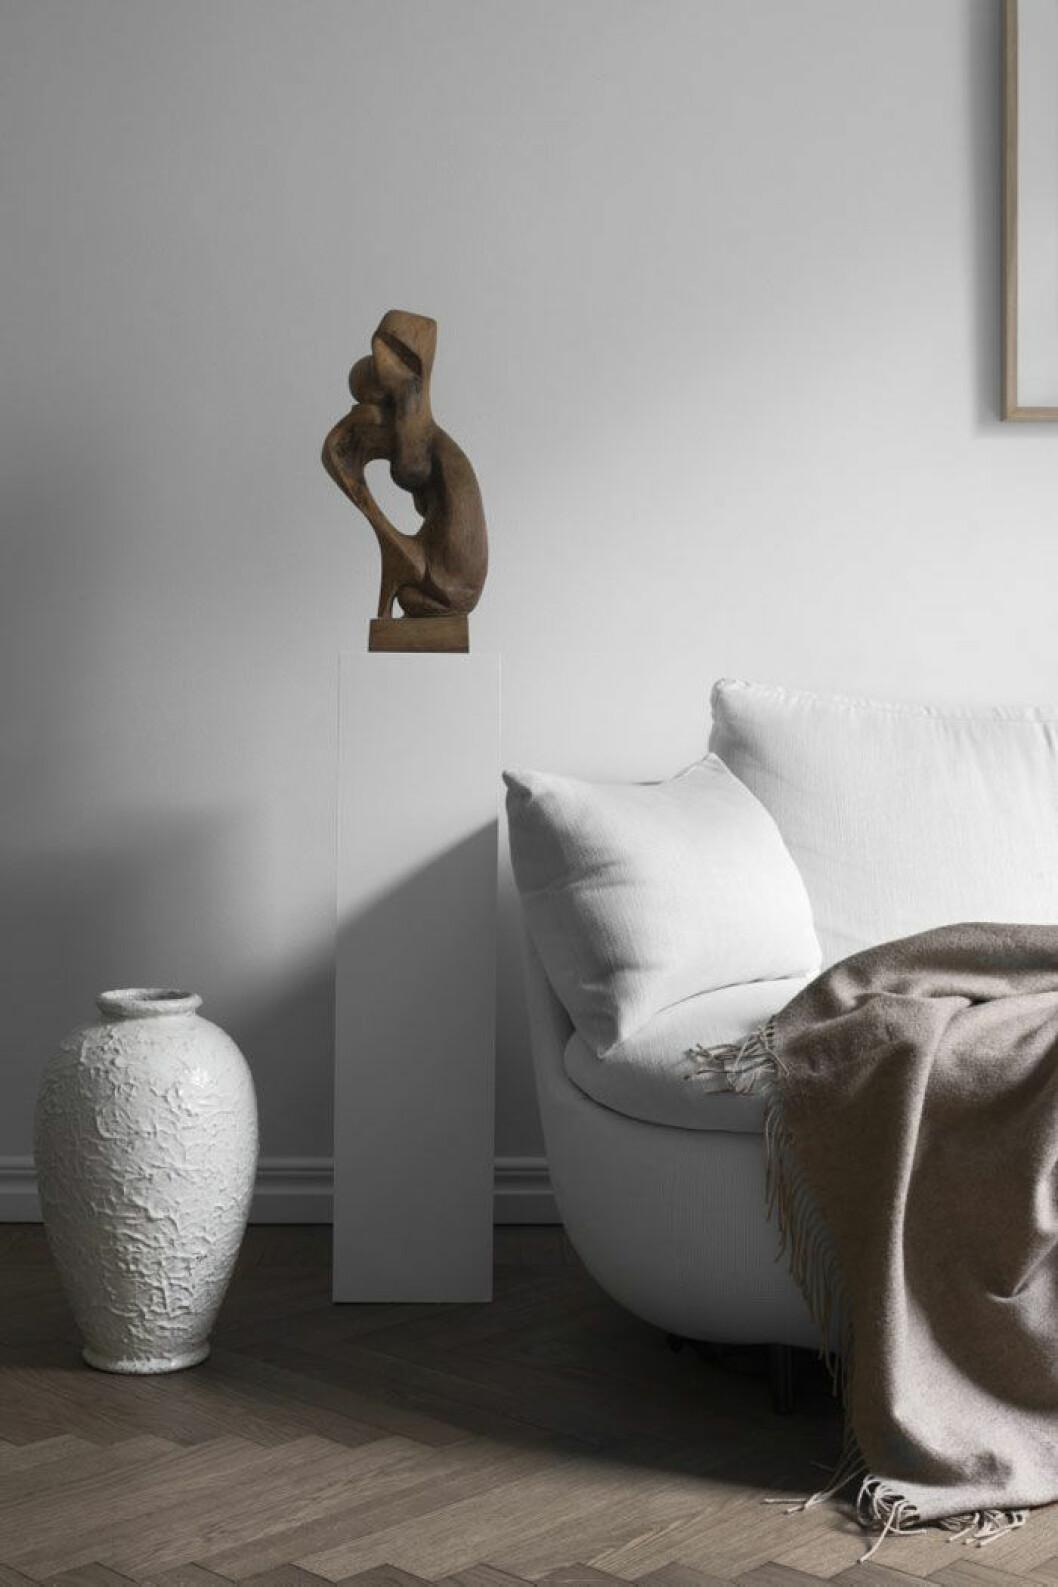 Golvvas, Höganäs. Träskulptur från 1950-talet, oidentifierad konstnär. Soffa Bart canapé, design Moooi works/Bart Schilder för Moooi. Kashmirfilt från Ralph Lauren home.